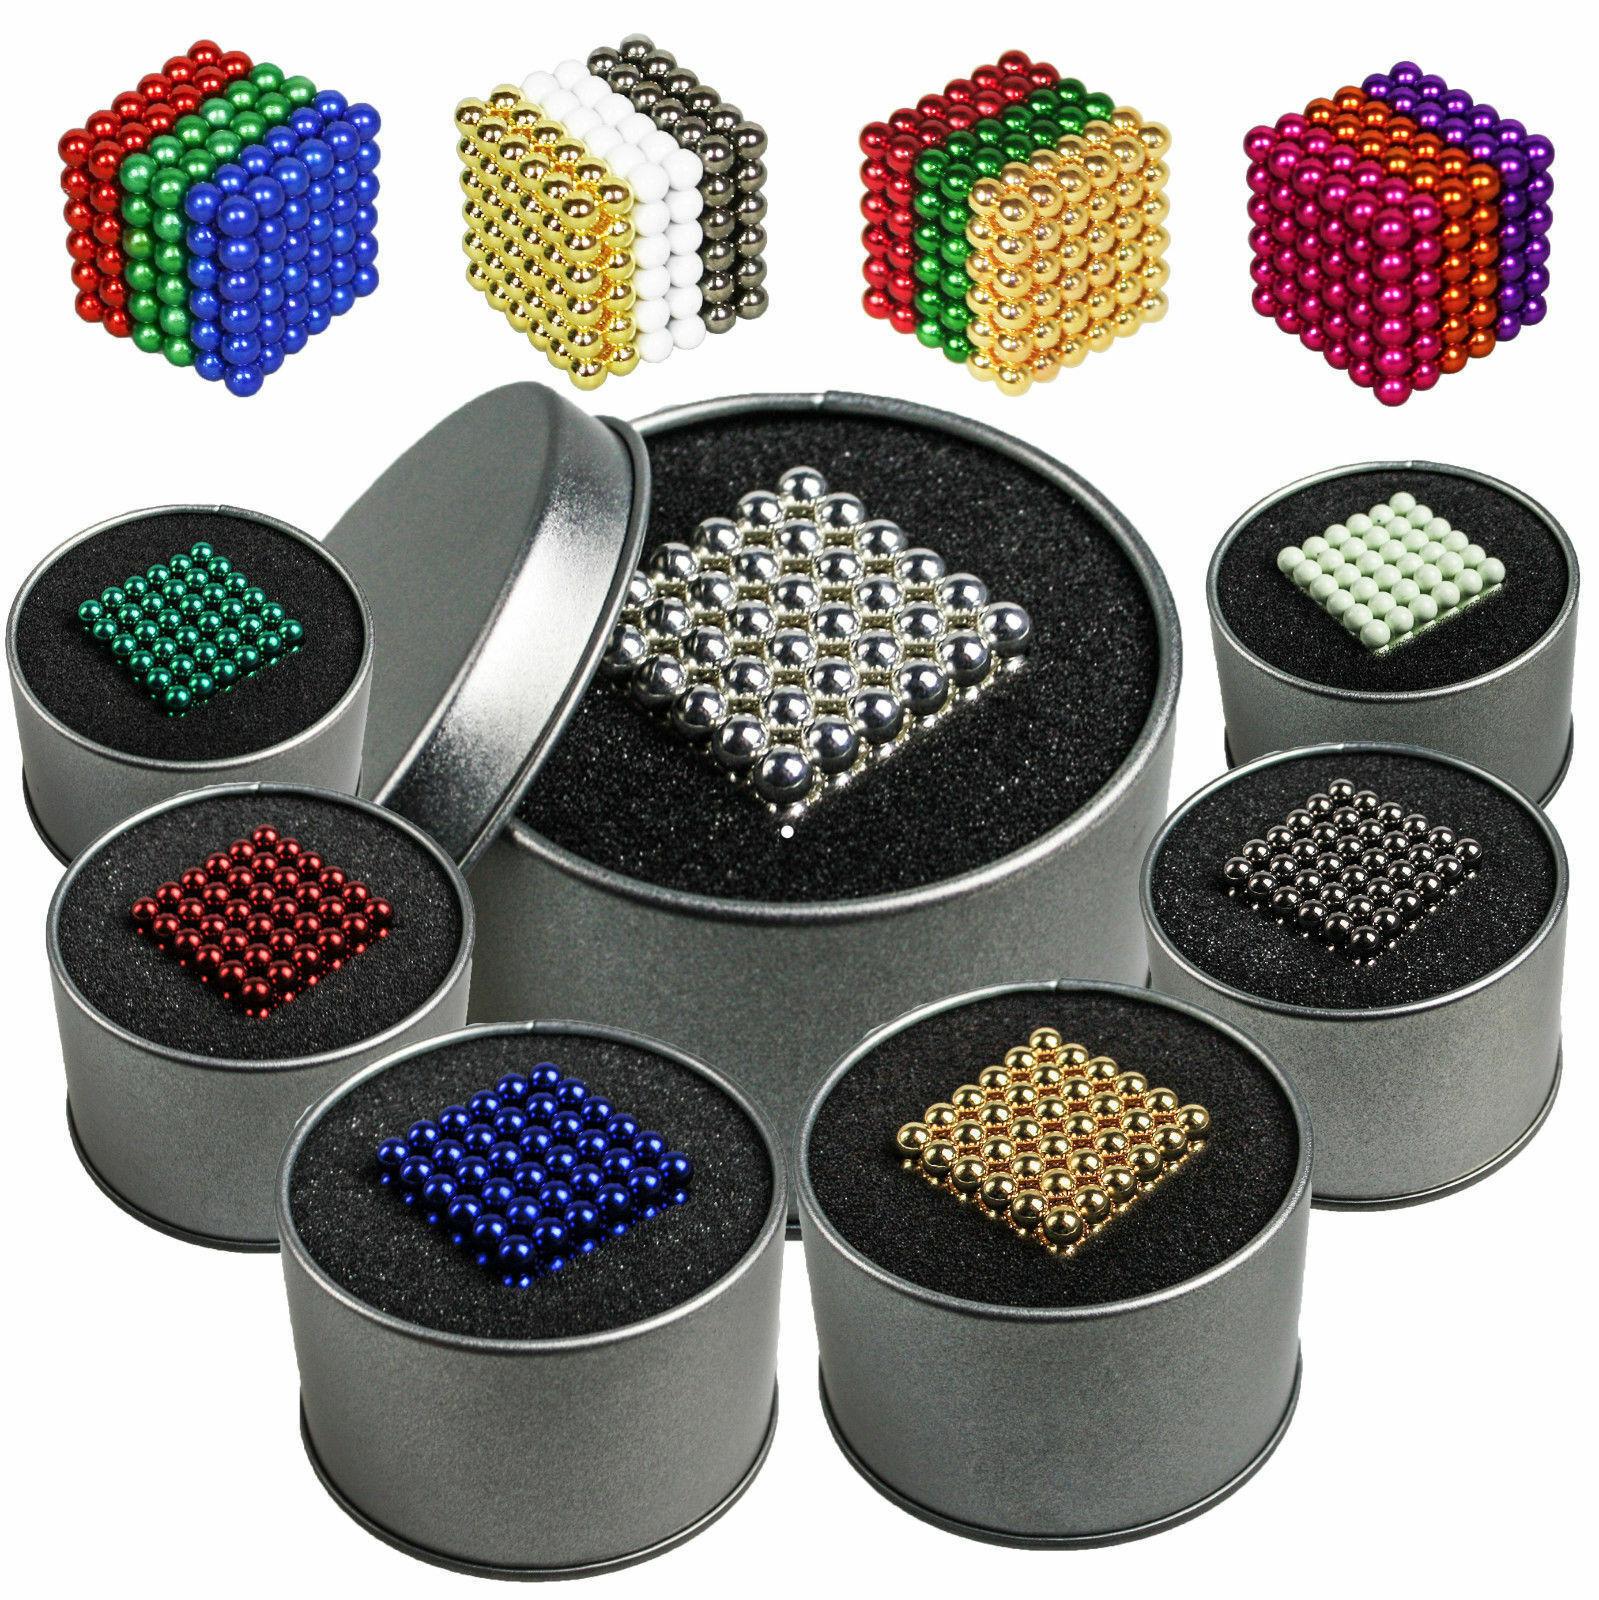 216 Magnetkugeln 5mm in Metalldose- Supermagnet - Whiteboard-/Kühlschrankmagnete